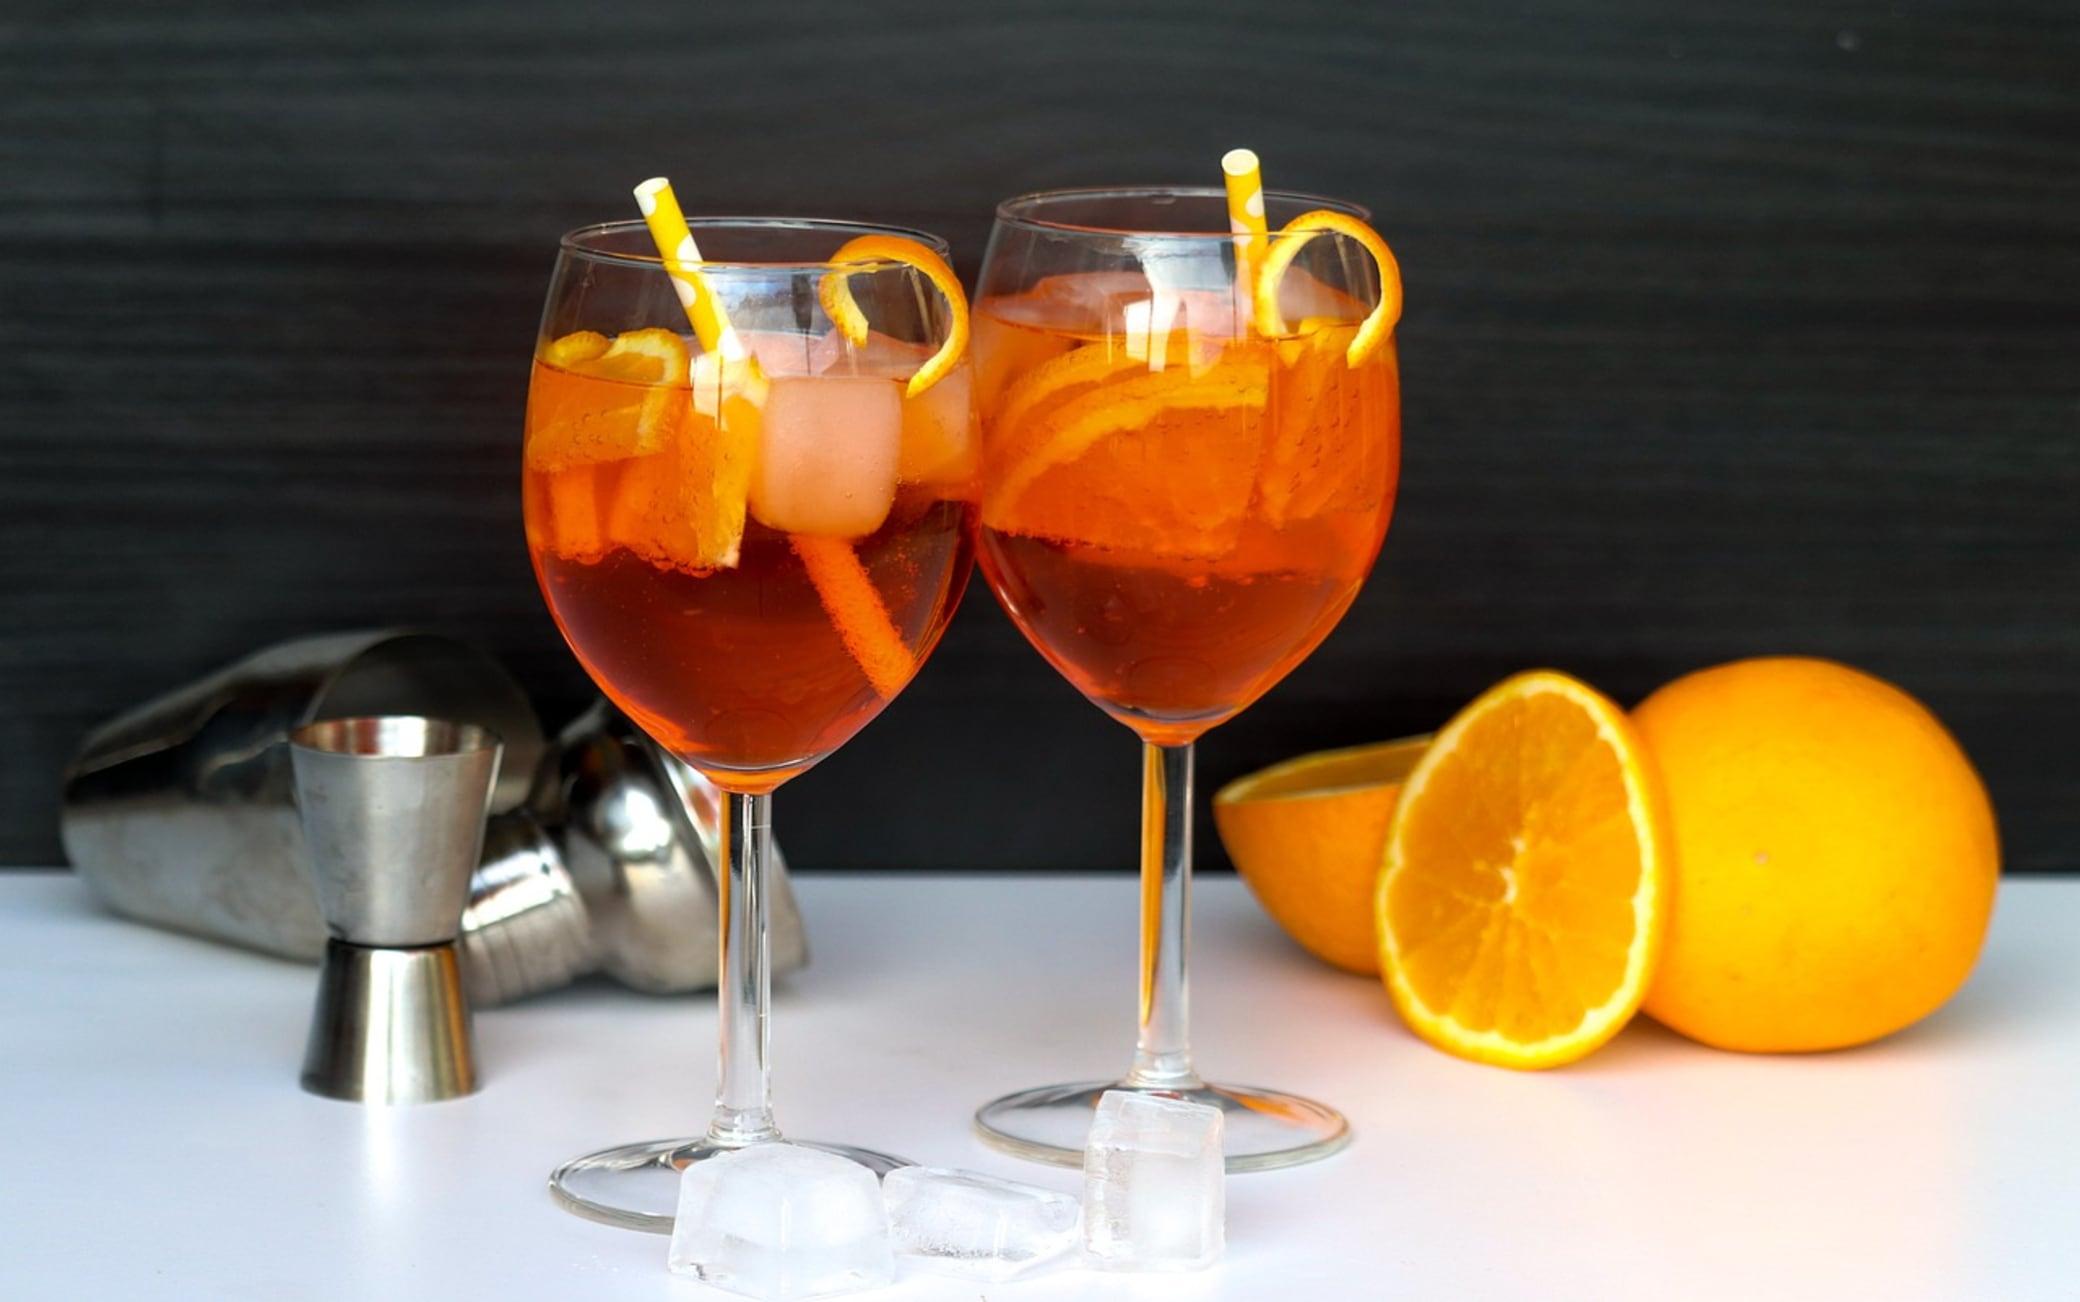 Ricetta Spritz A Casa.Ricetta Aperol Spritz Dosi E Ingredienti Per Preparalo In Casa